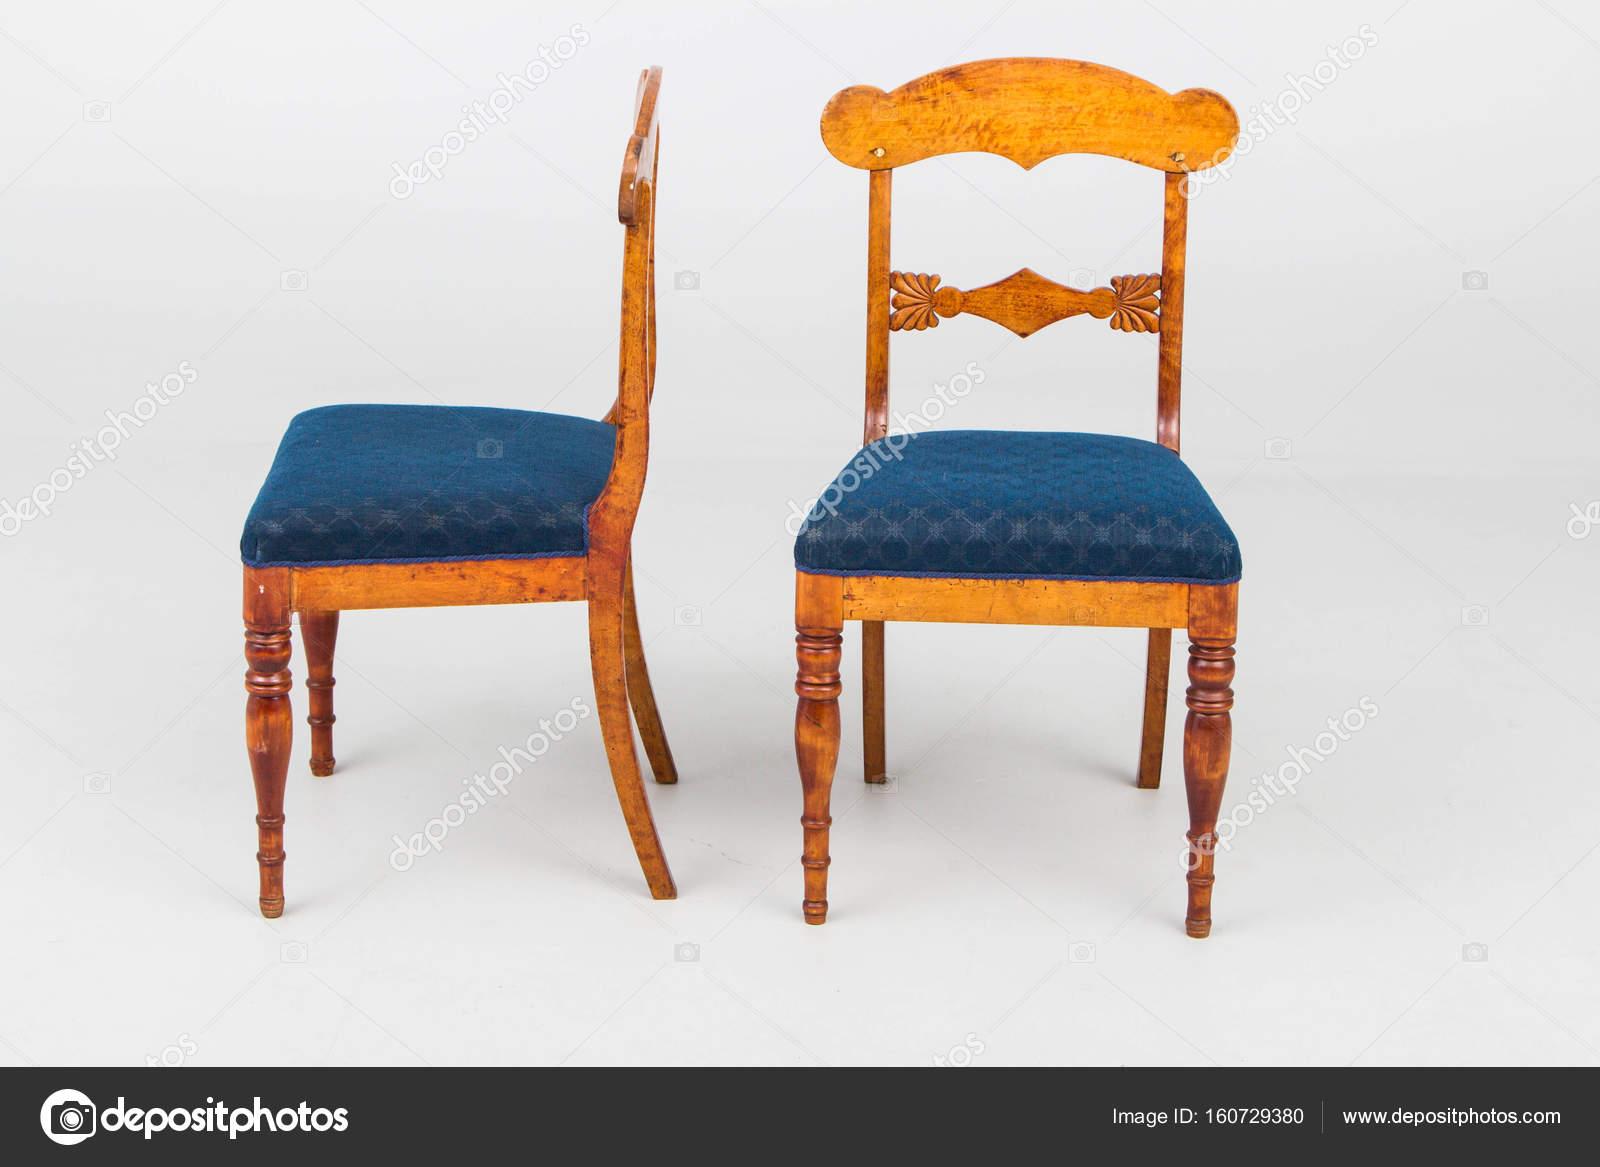 Stuhle Sessel Antik Stockfoto C Jbgroup 160729380